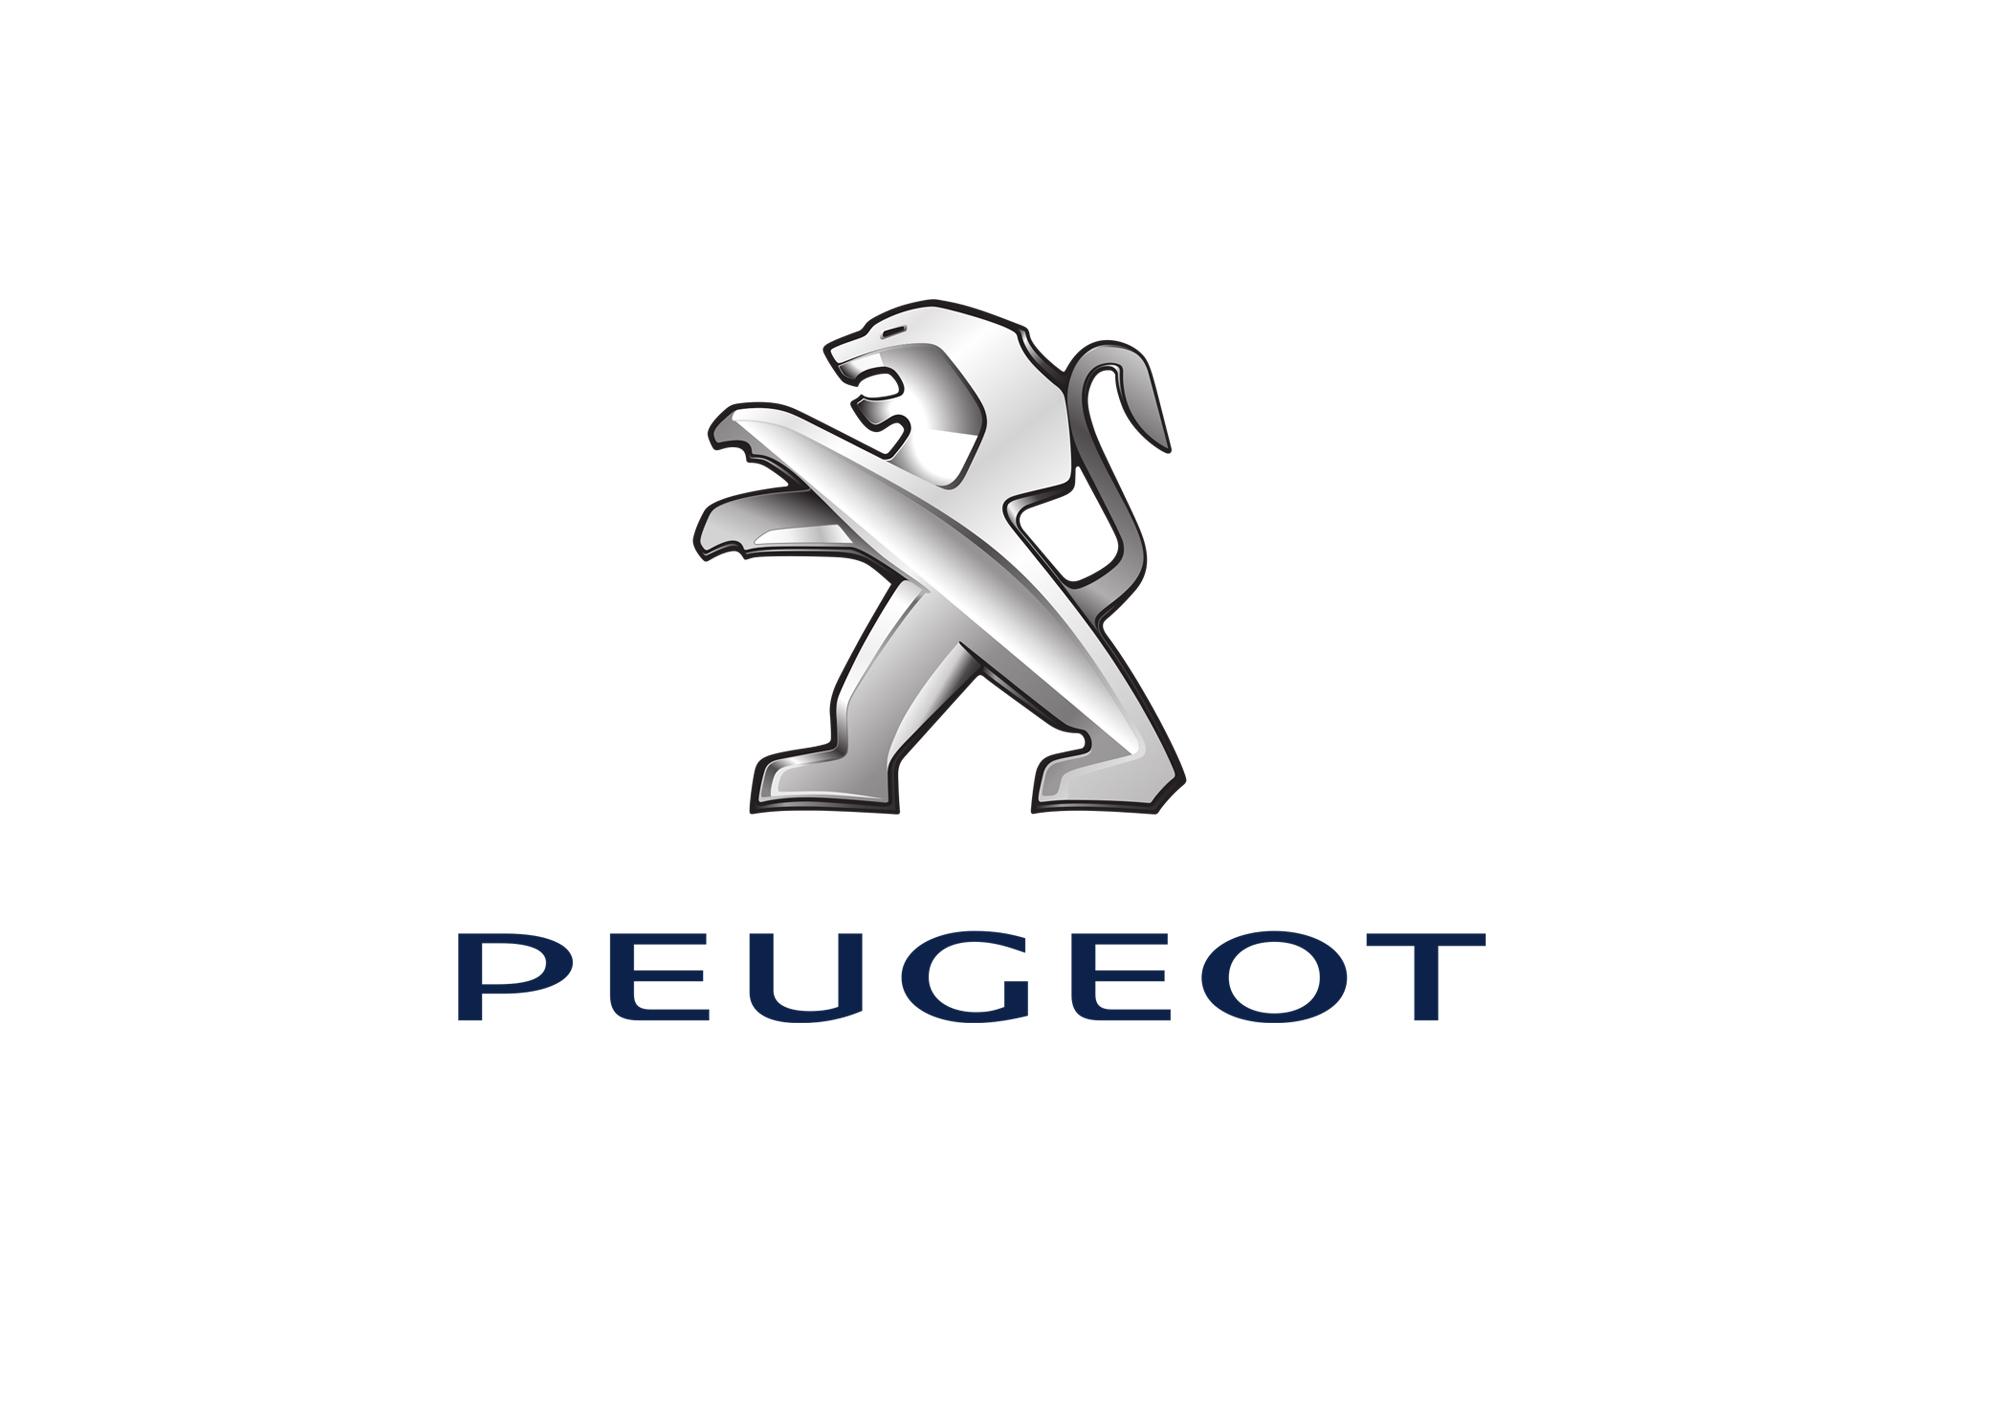 peugeot 4007 workshop service repair manual 2007 2012 rh easymanuals co uk Peugeot 4007 2011 Peugeot 4007 2011